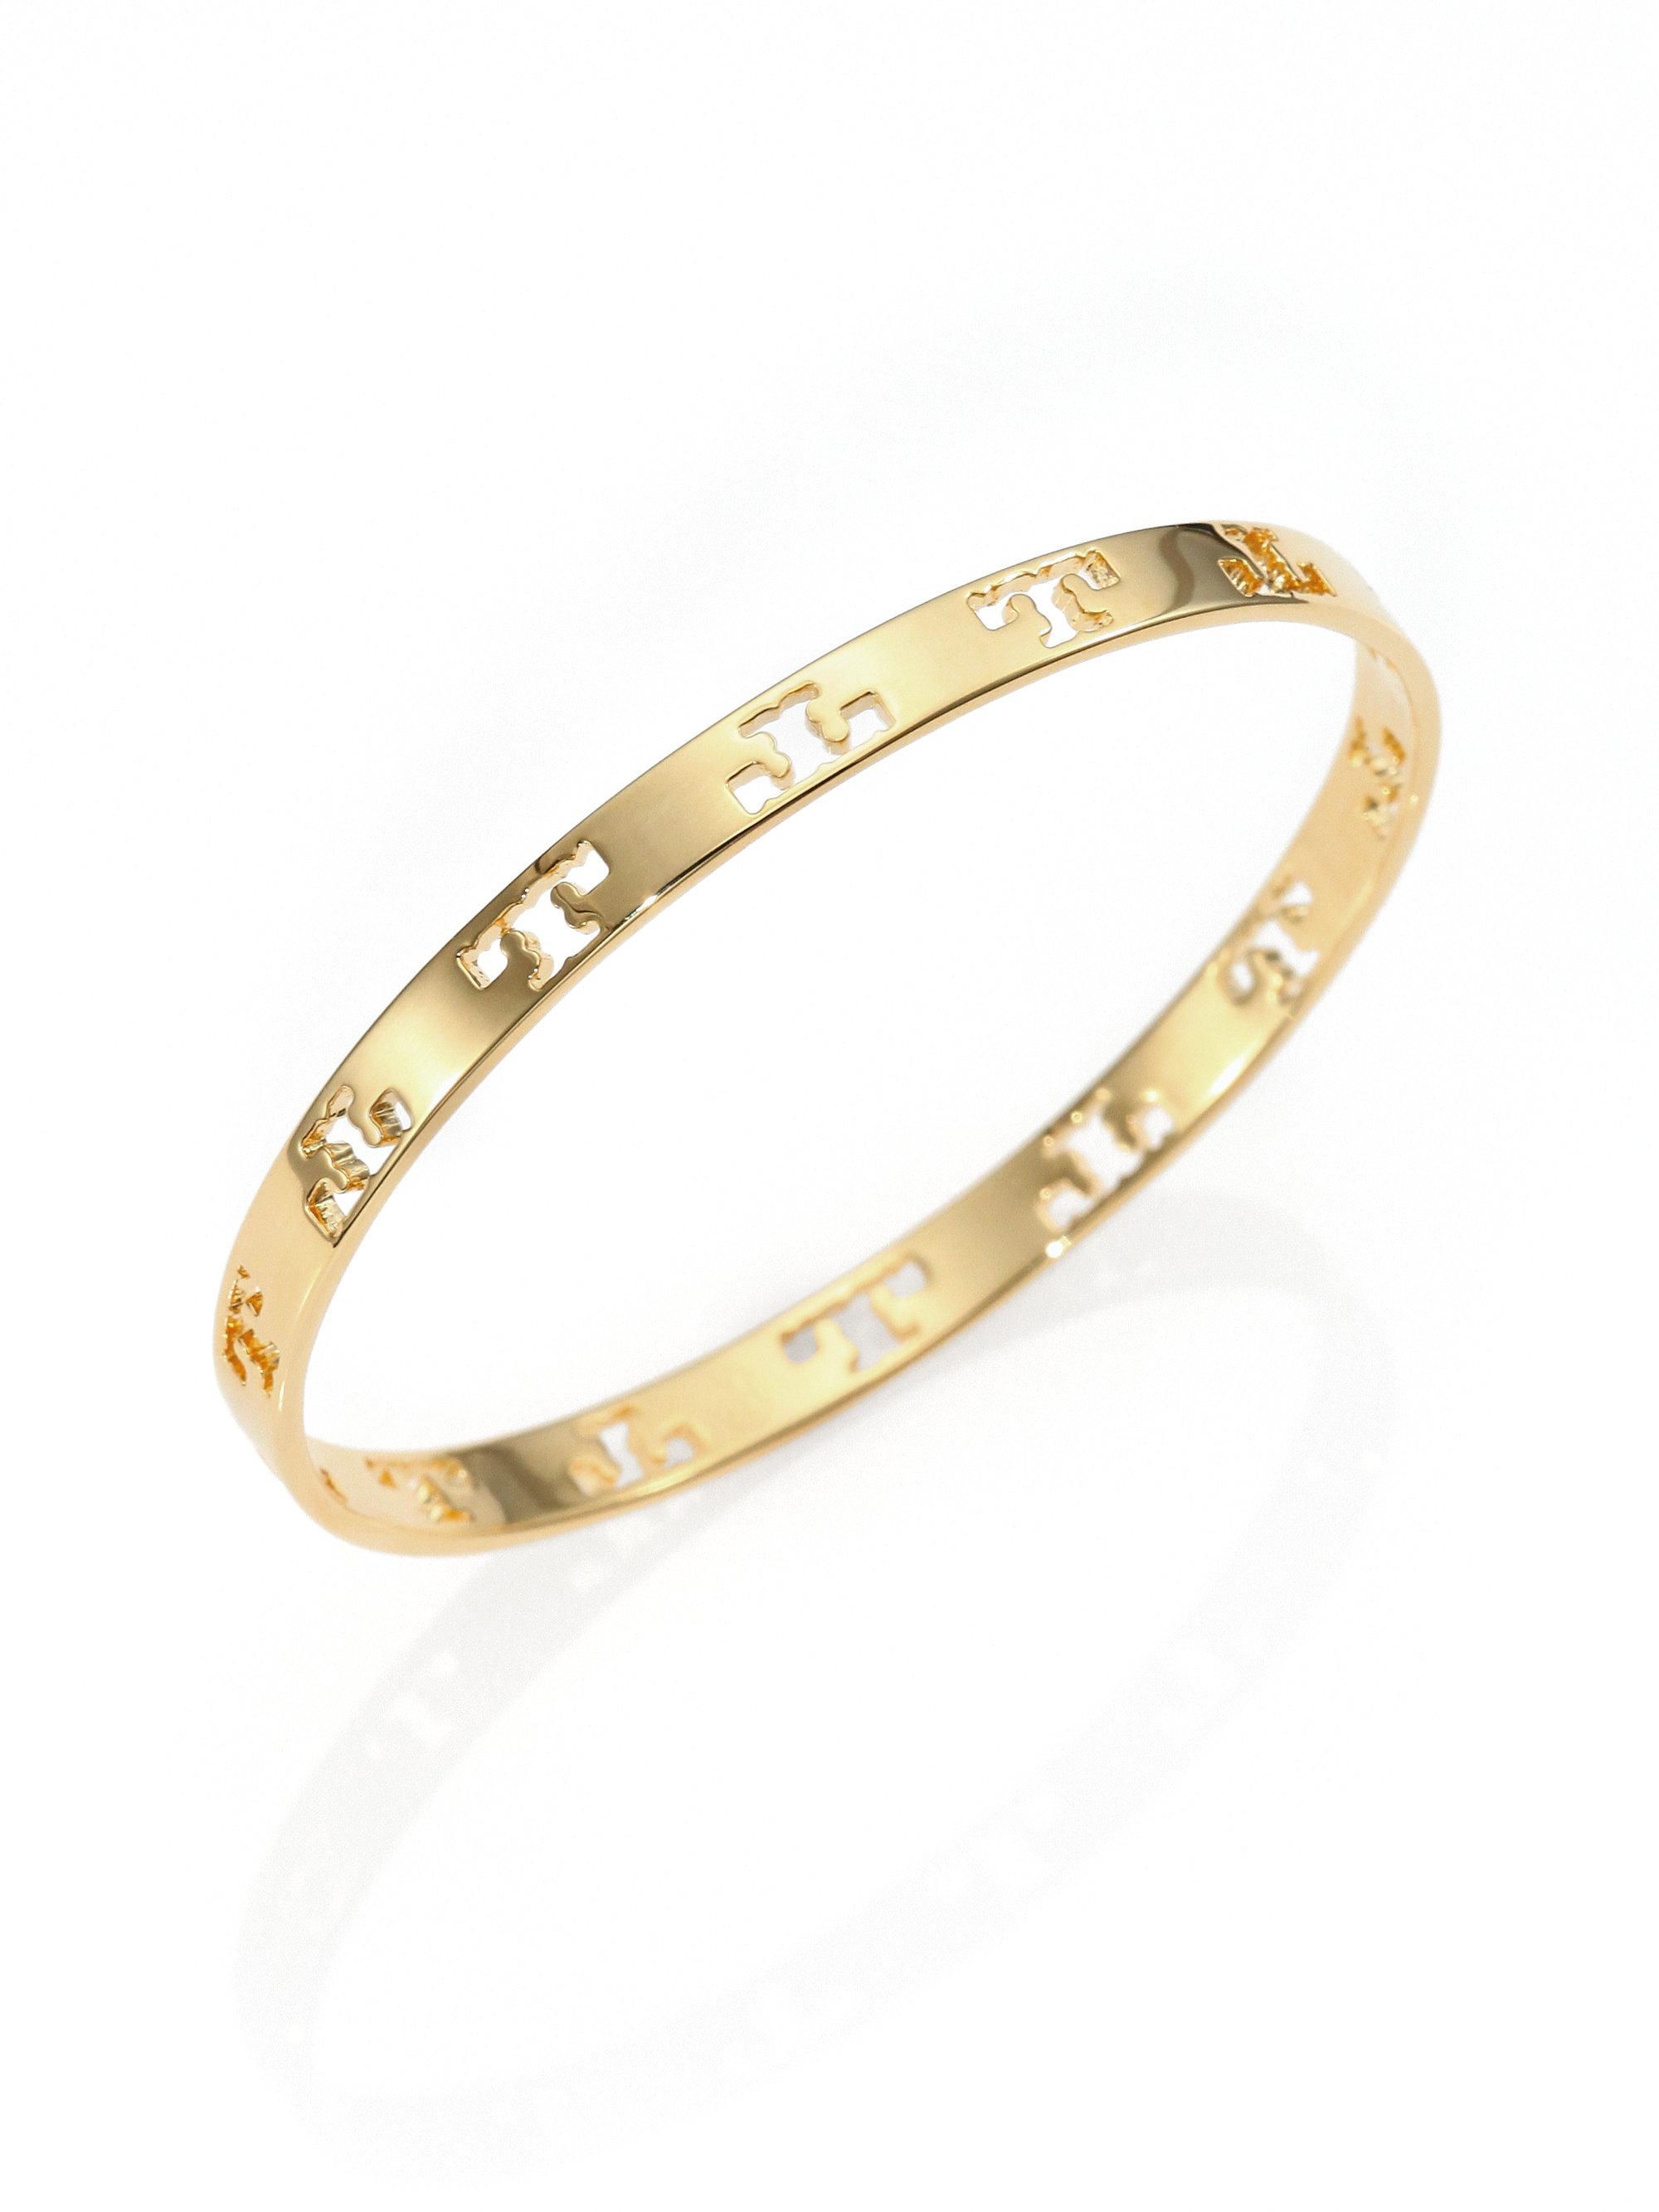 Tory Burch Pierced T Logo Bangle Bracelet In Metallic Lyst